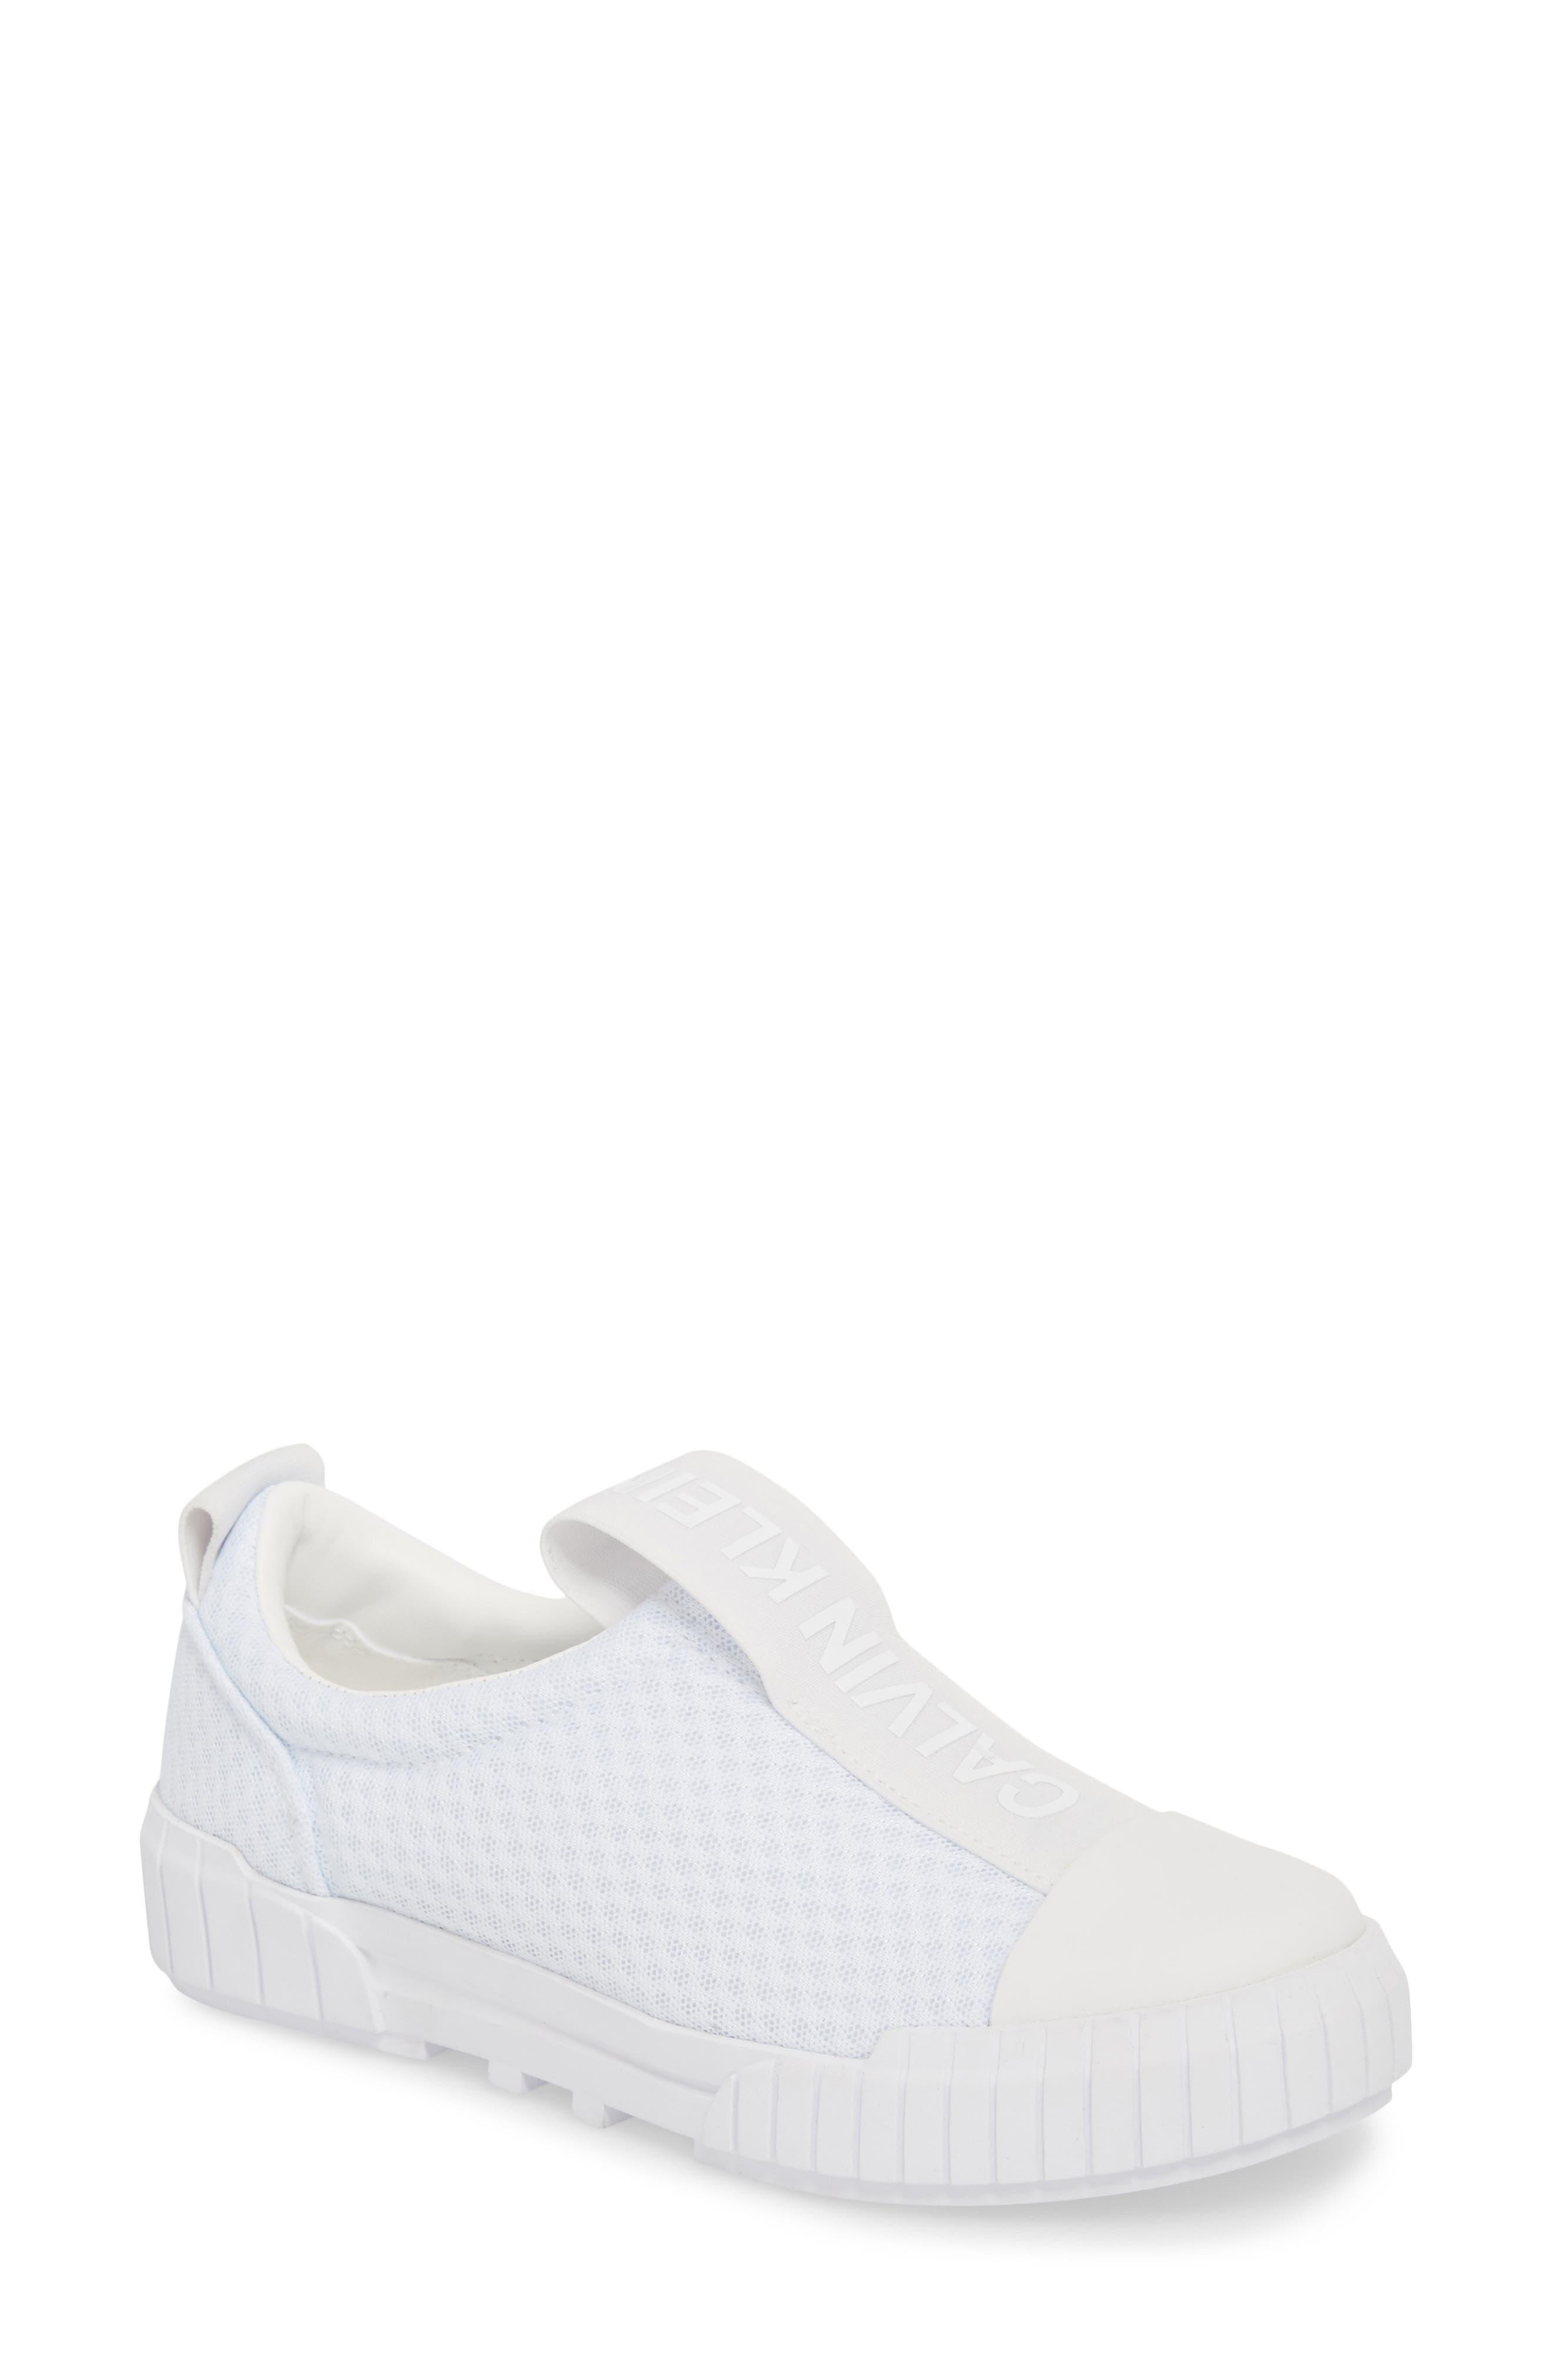 Bamina Slip-On Sneaker,                         Main,                         color, WHITE